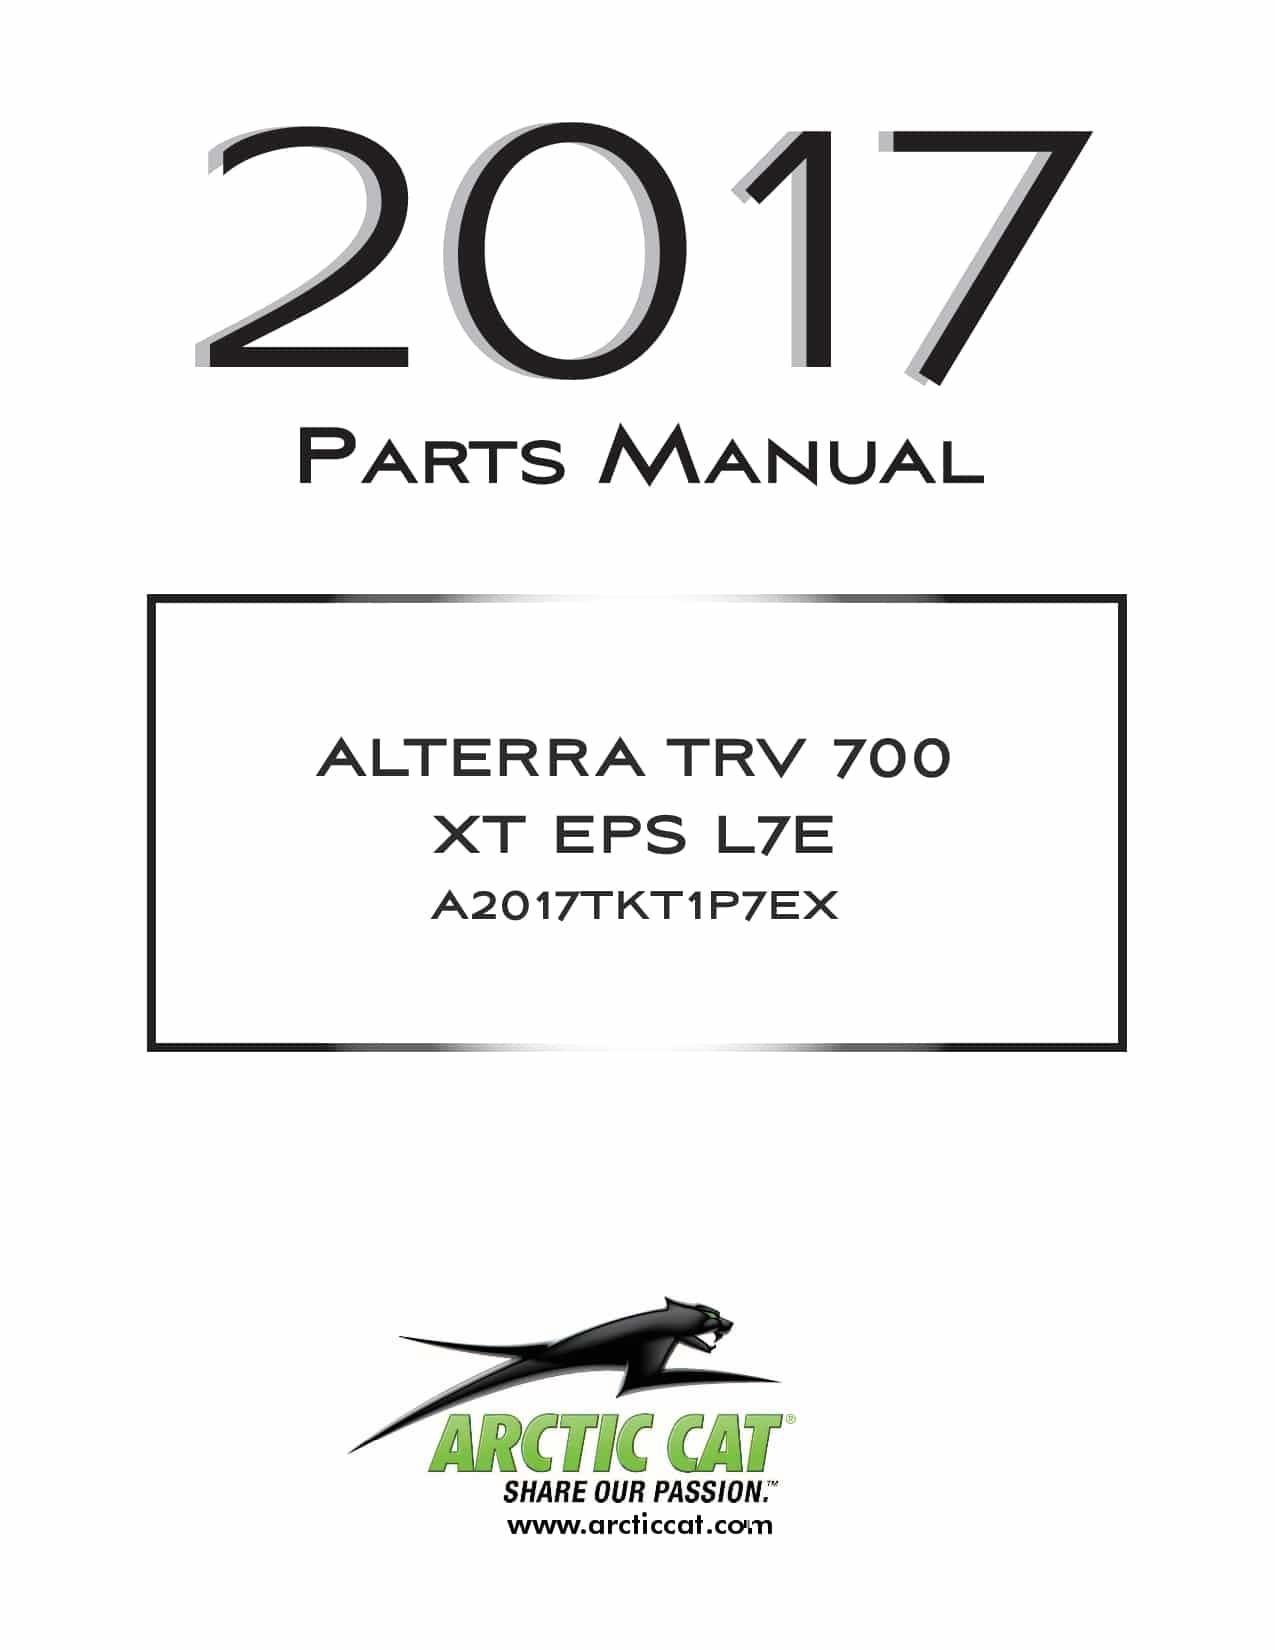 ARCTIC CAT 2017 Alterra TRV 700 XT EPS L7e green part